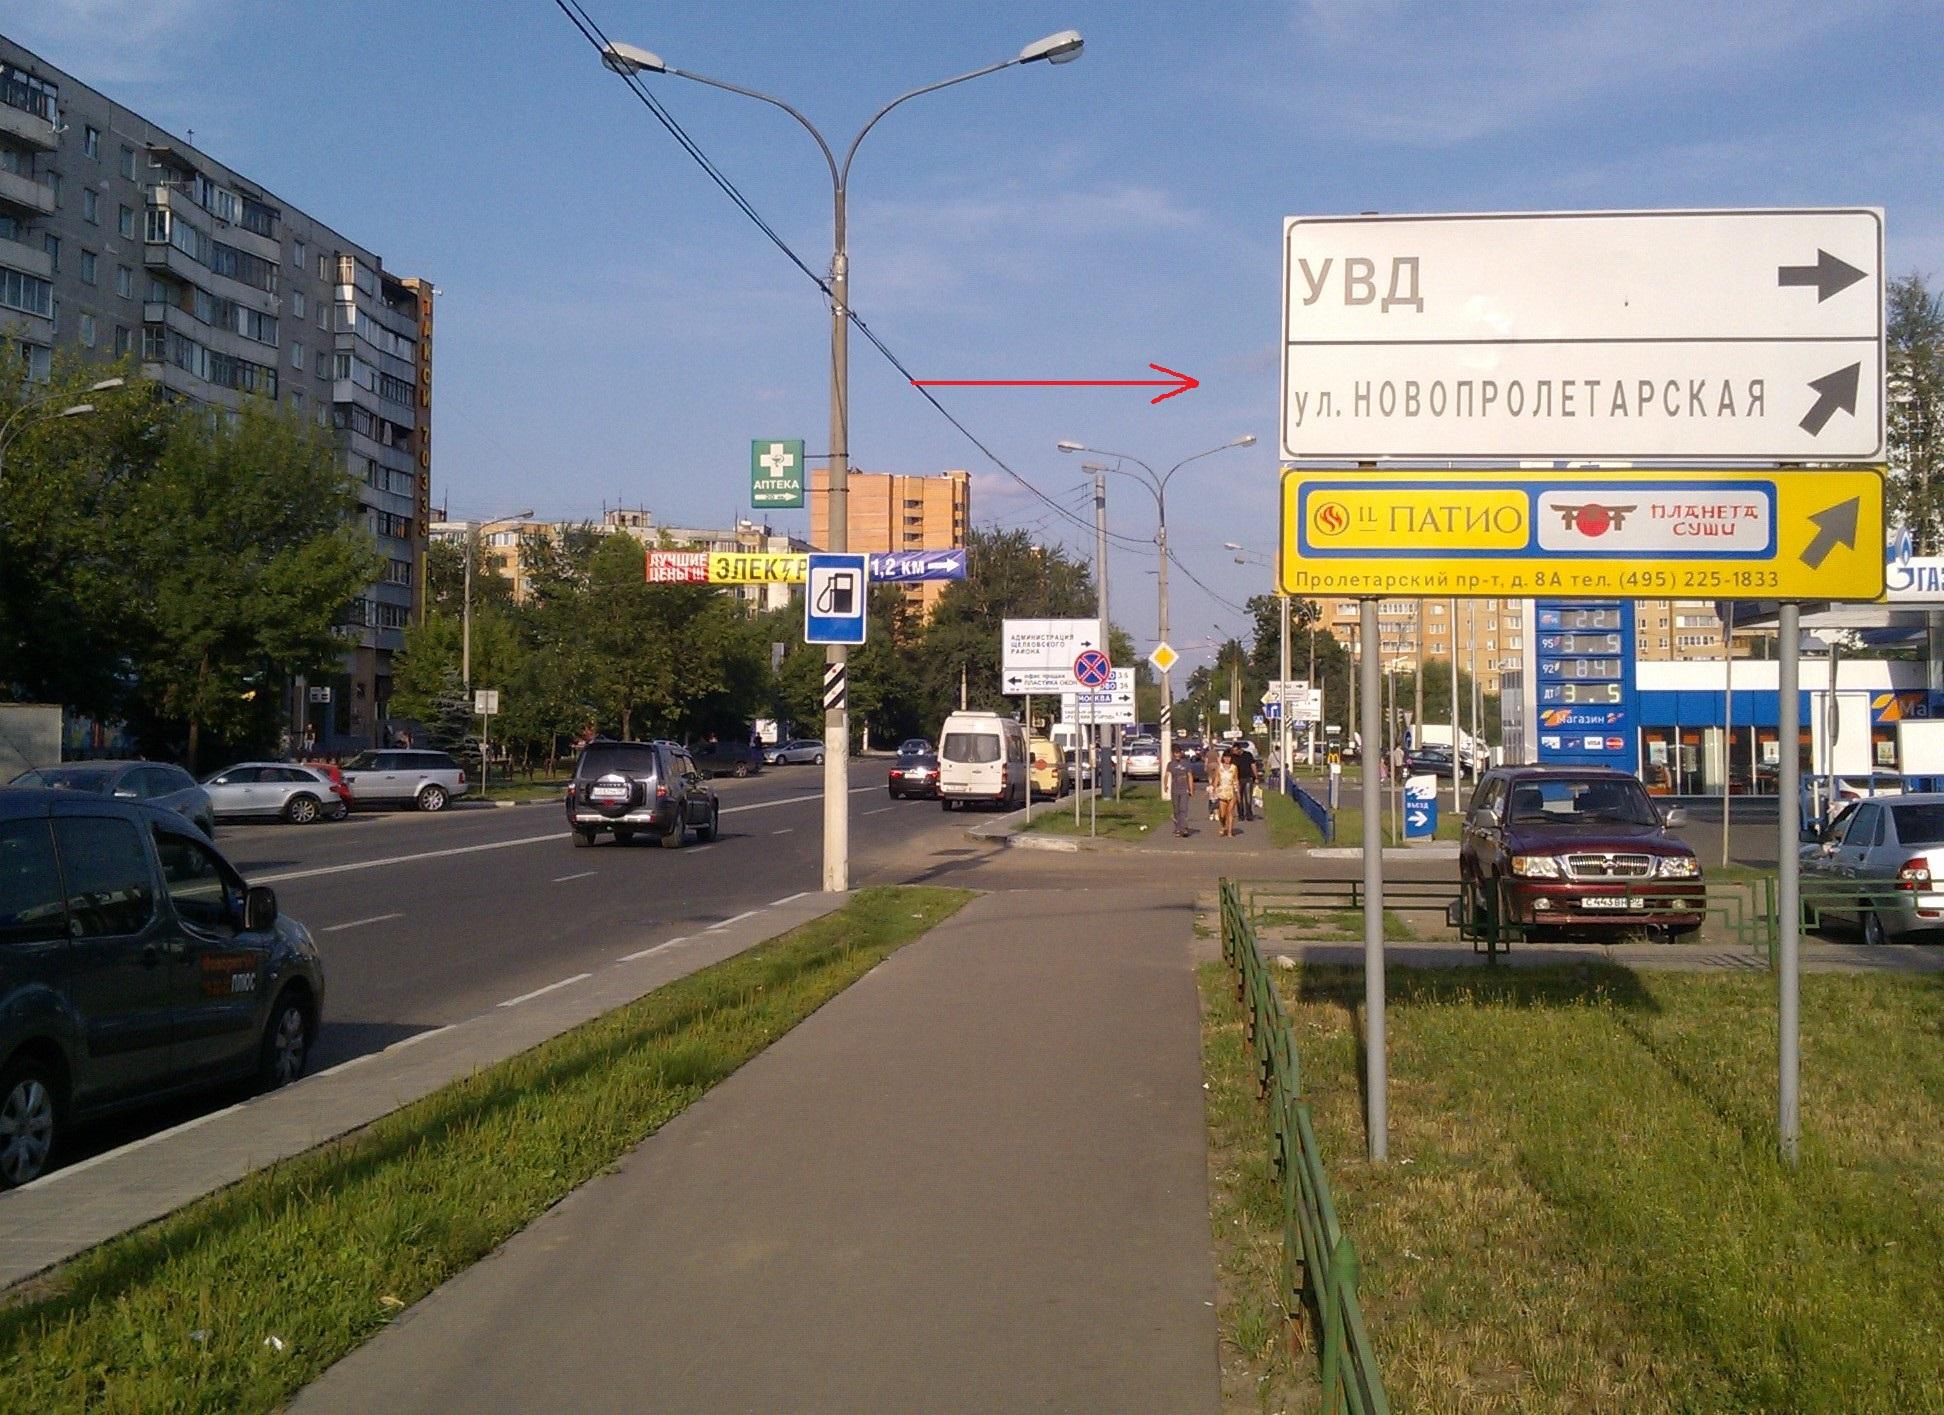 Улица Новопролетарская в Щелково